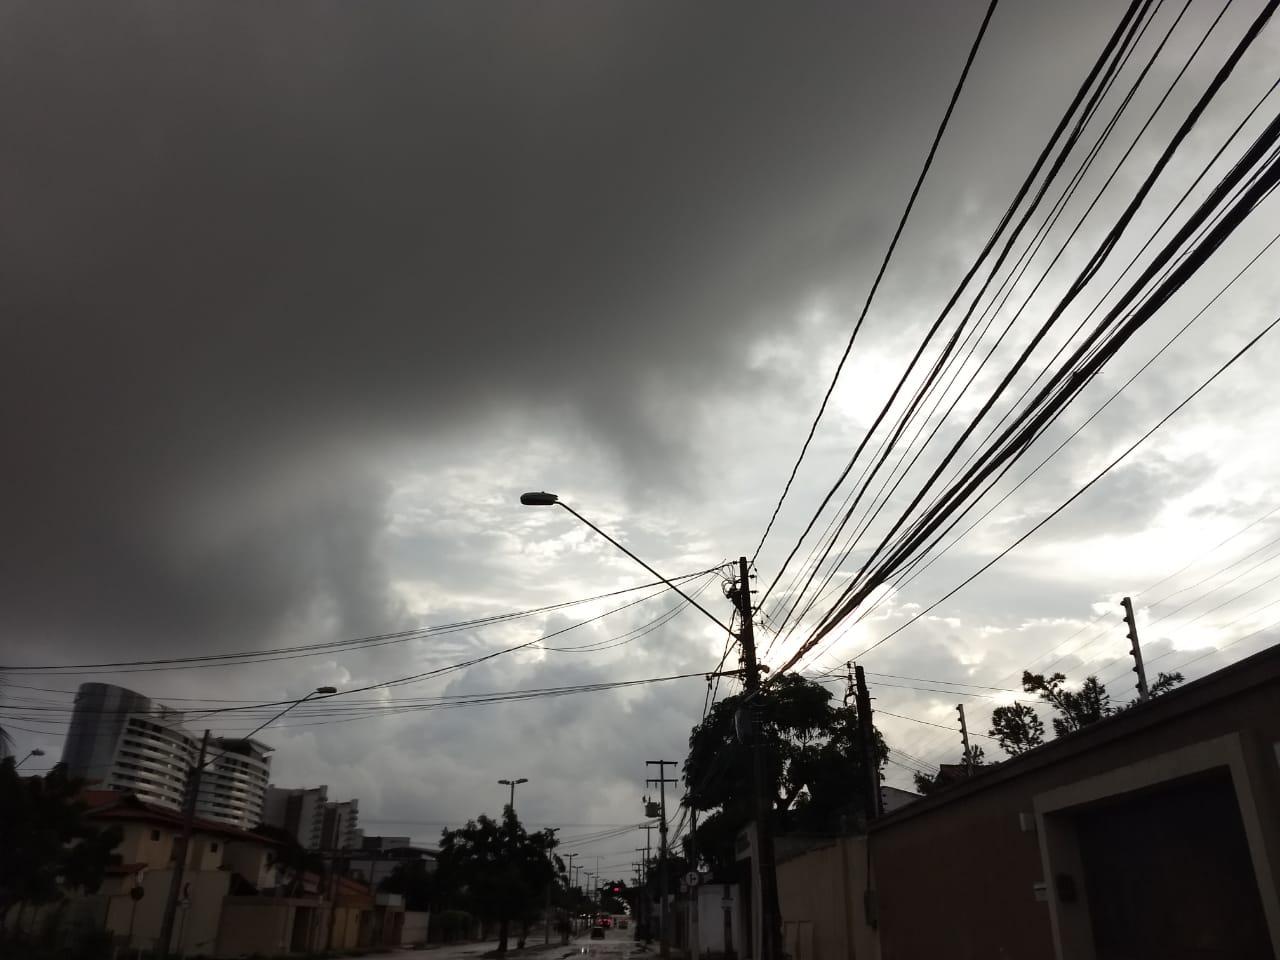 O tempo nublado vem sendo observado na Capital e áreas vizinhas (FOTO: Felipe Lima/Funceme)